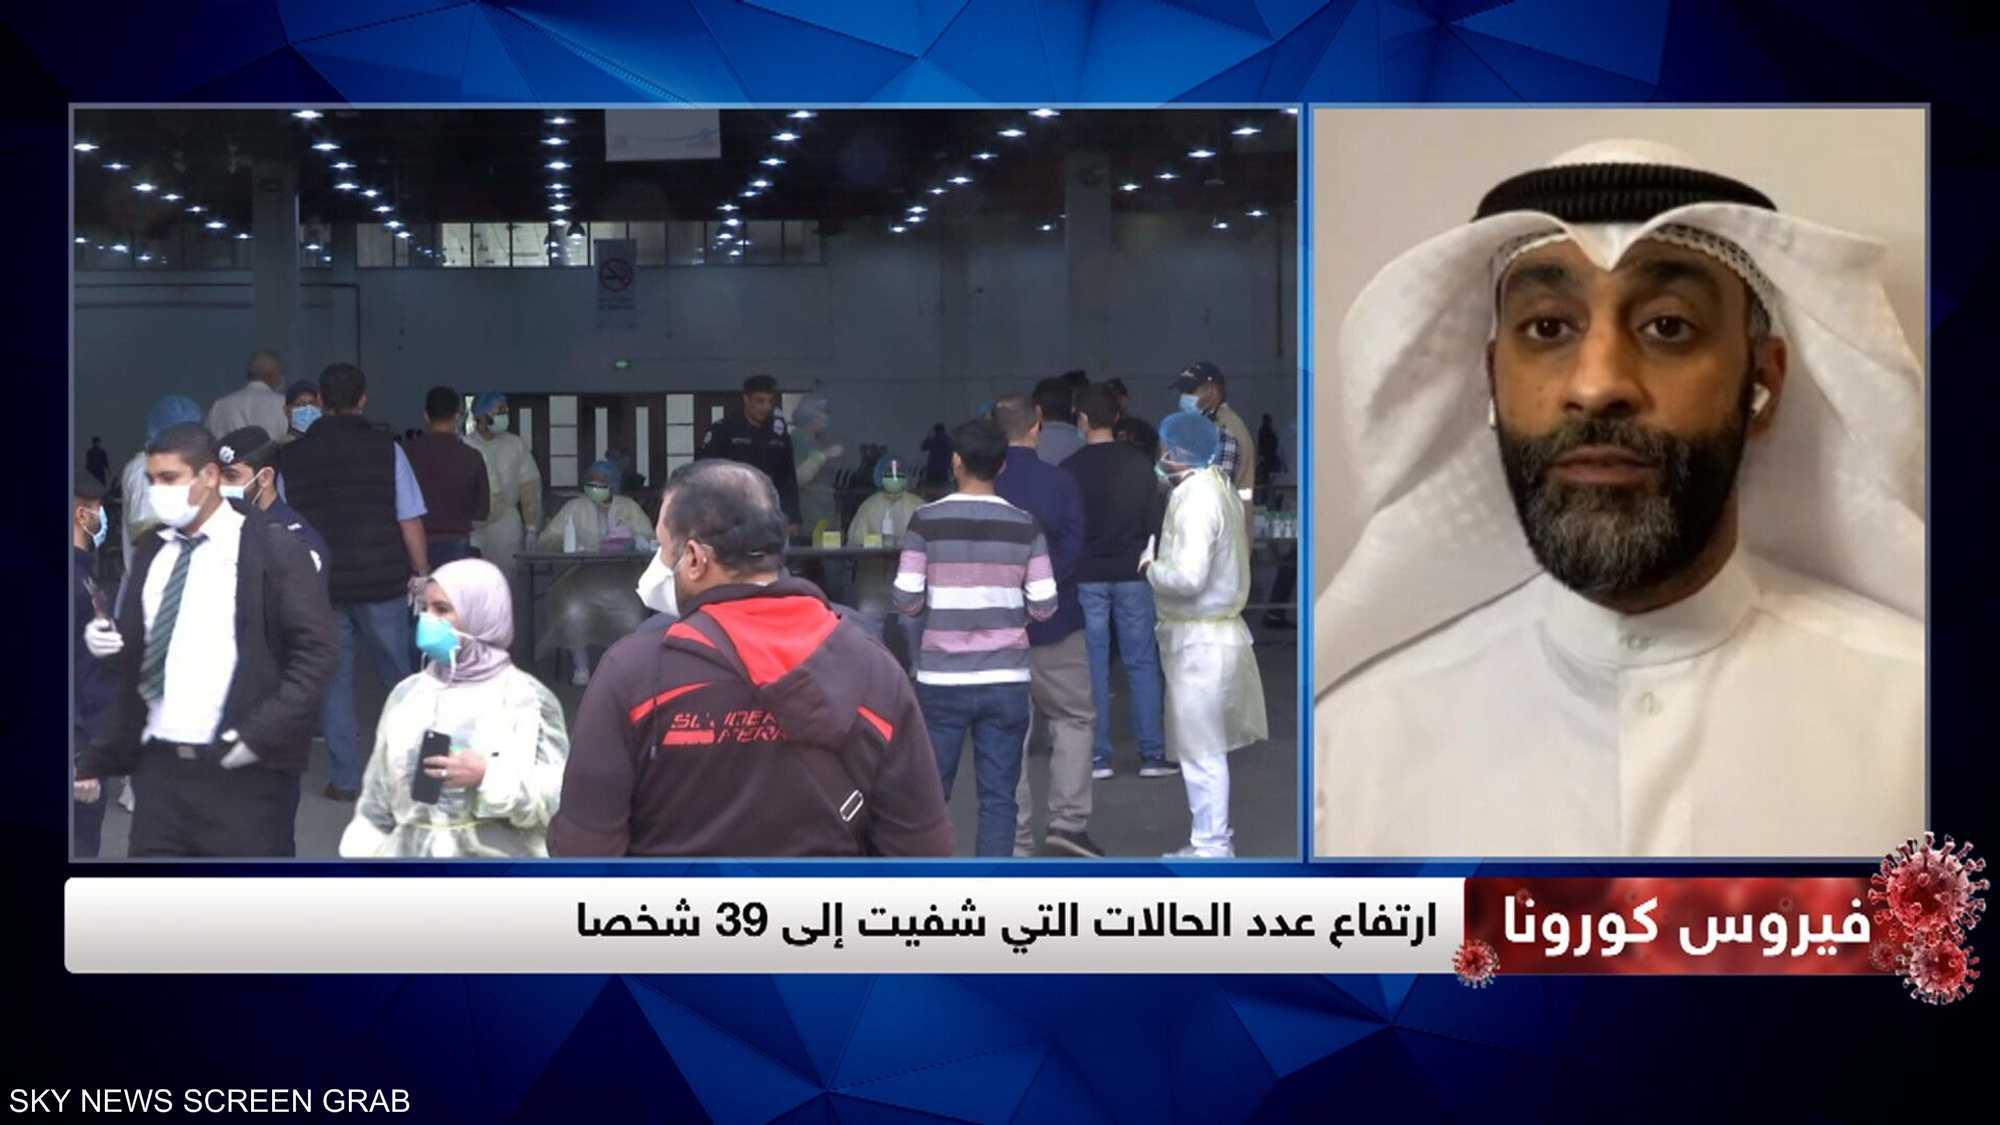 الكويت تقر قانونا يعاقب مخالفي قرارات أزمة كورونا